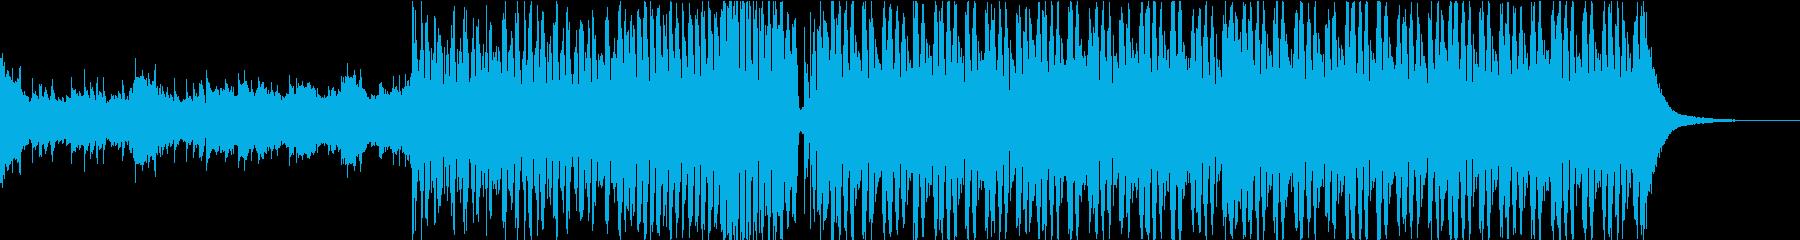 感動的・明るいFuture Bass bの再生済みの波形